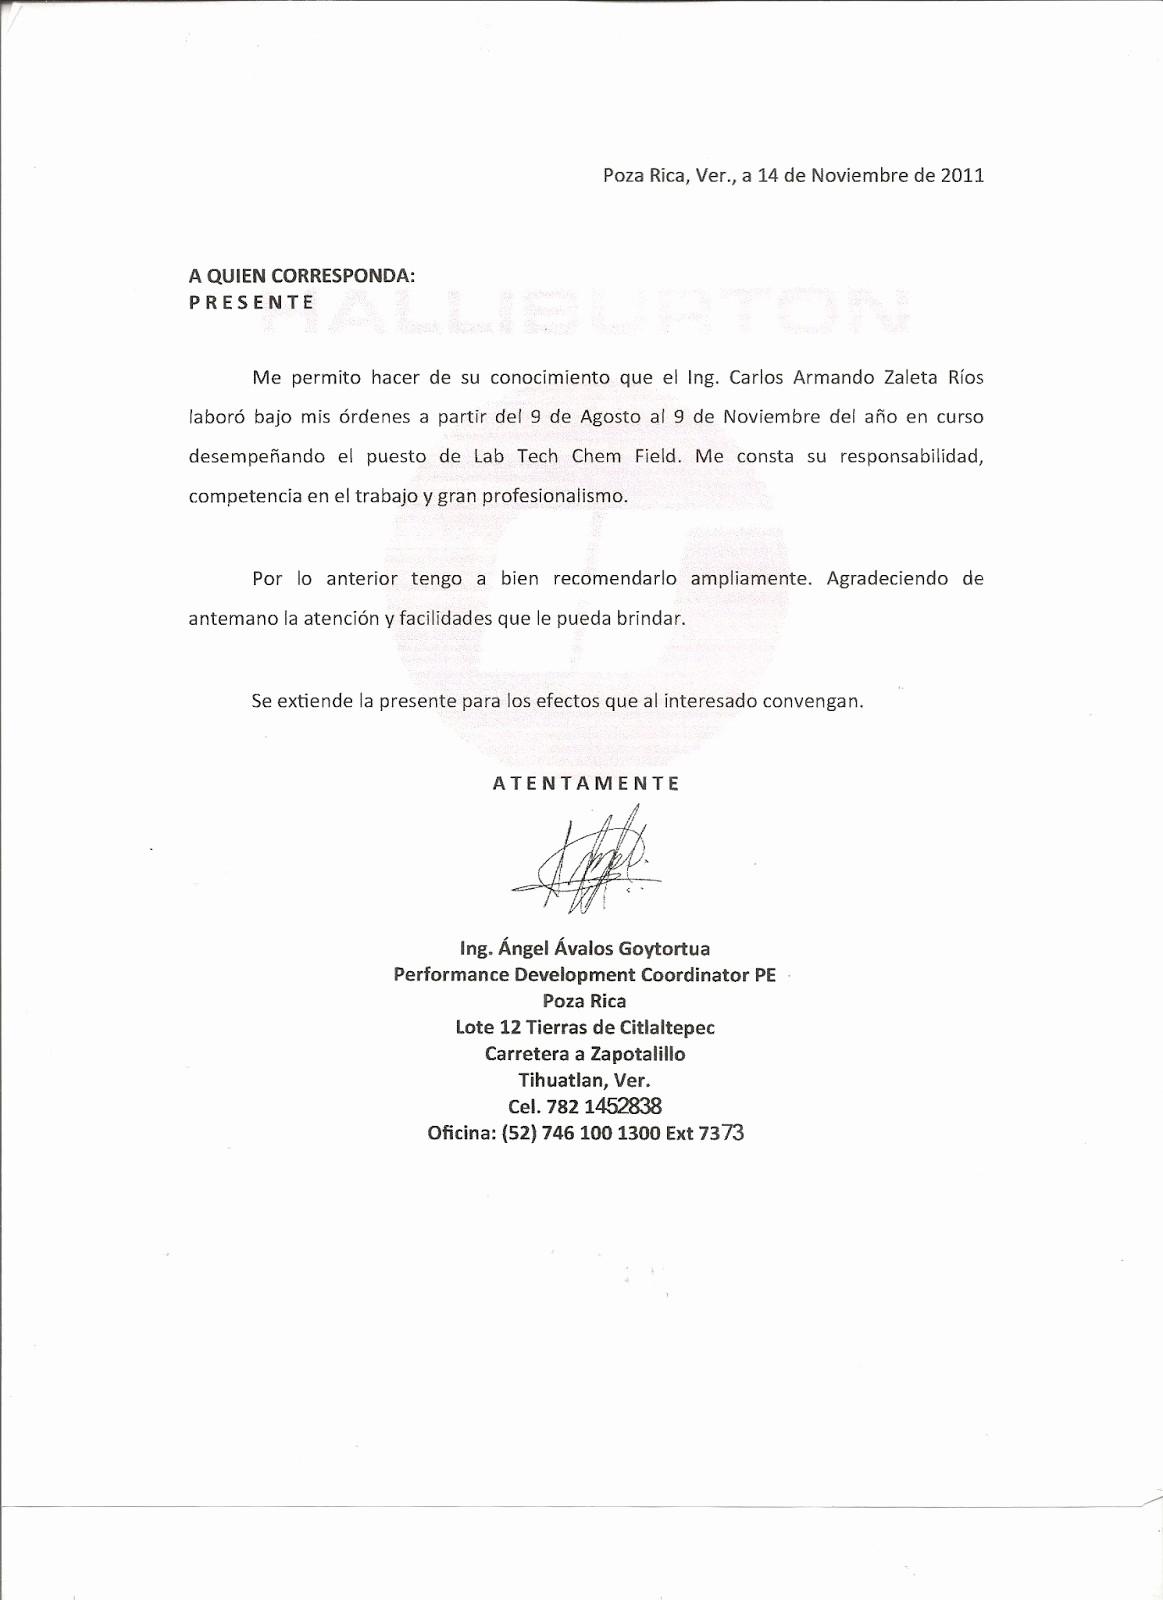 Formato De Carta Recomendacion Personal New Carta De Re Endacion Personal Word Wood Scribd Mexico